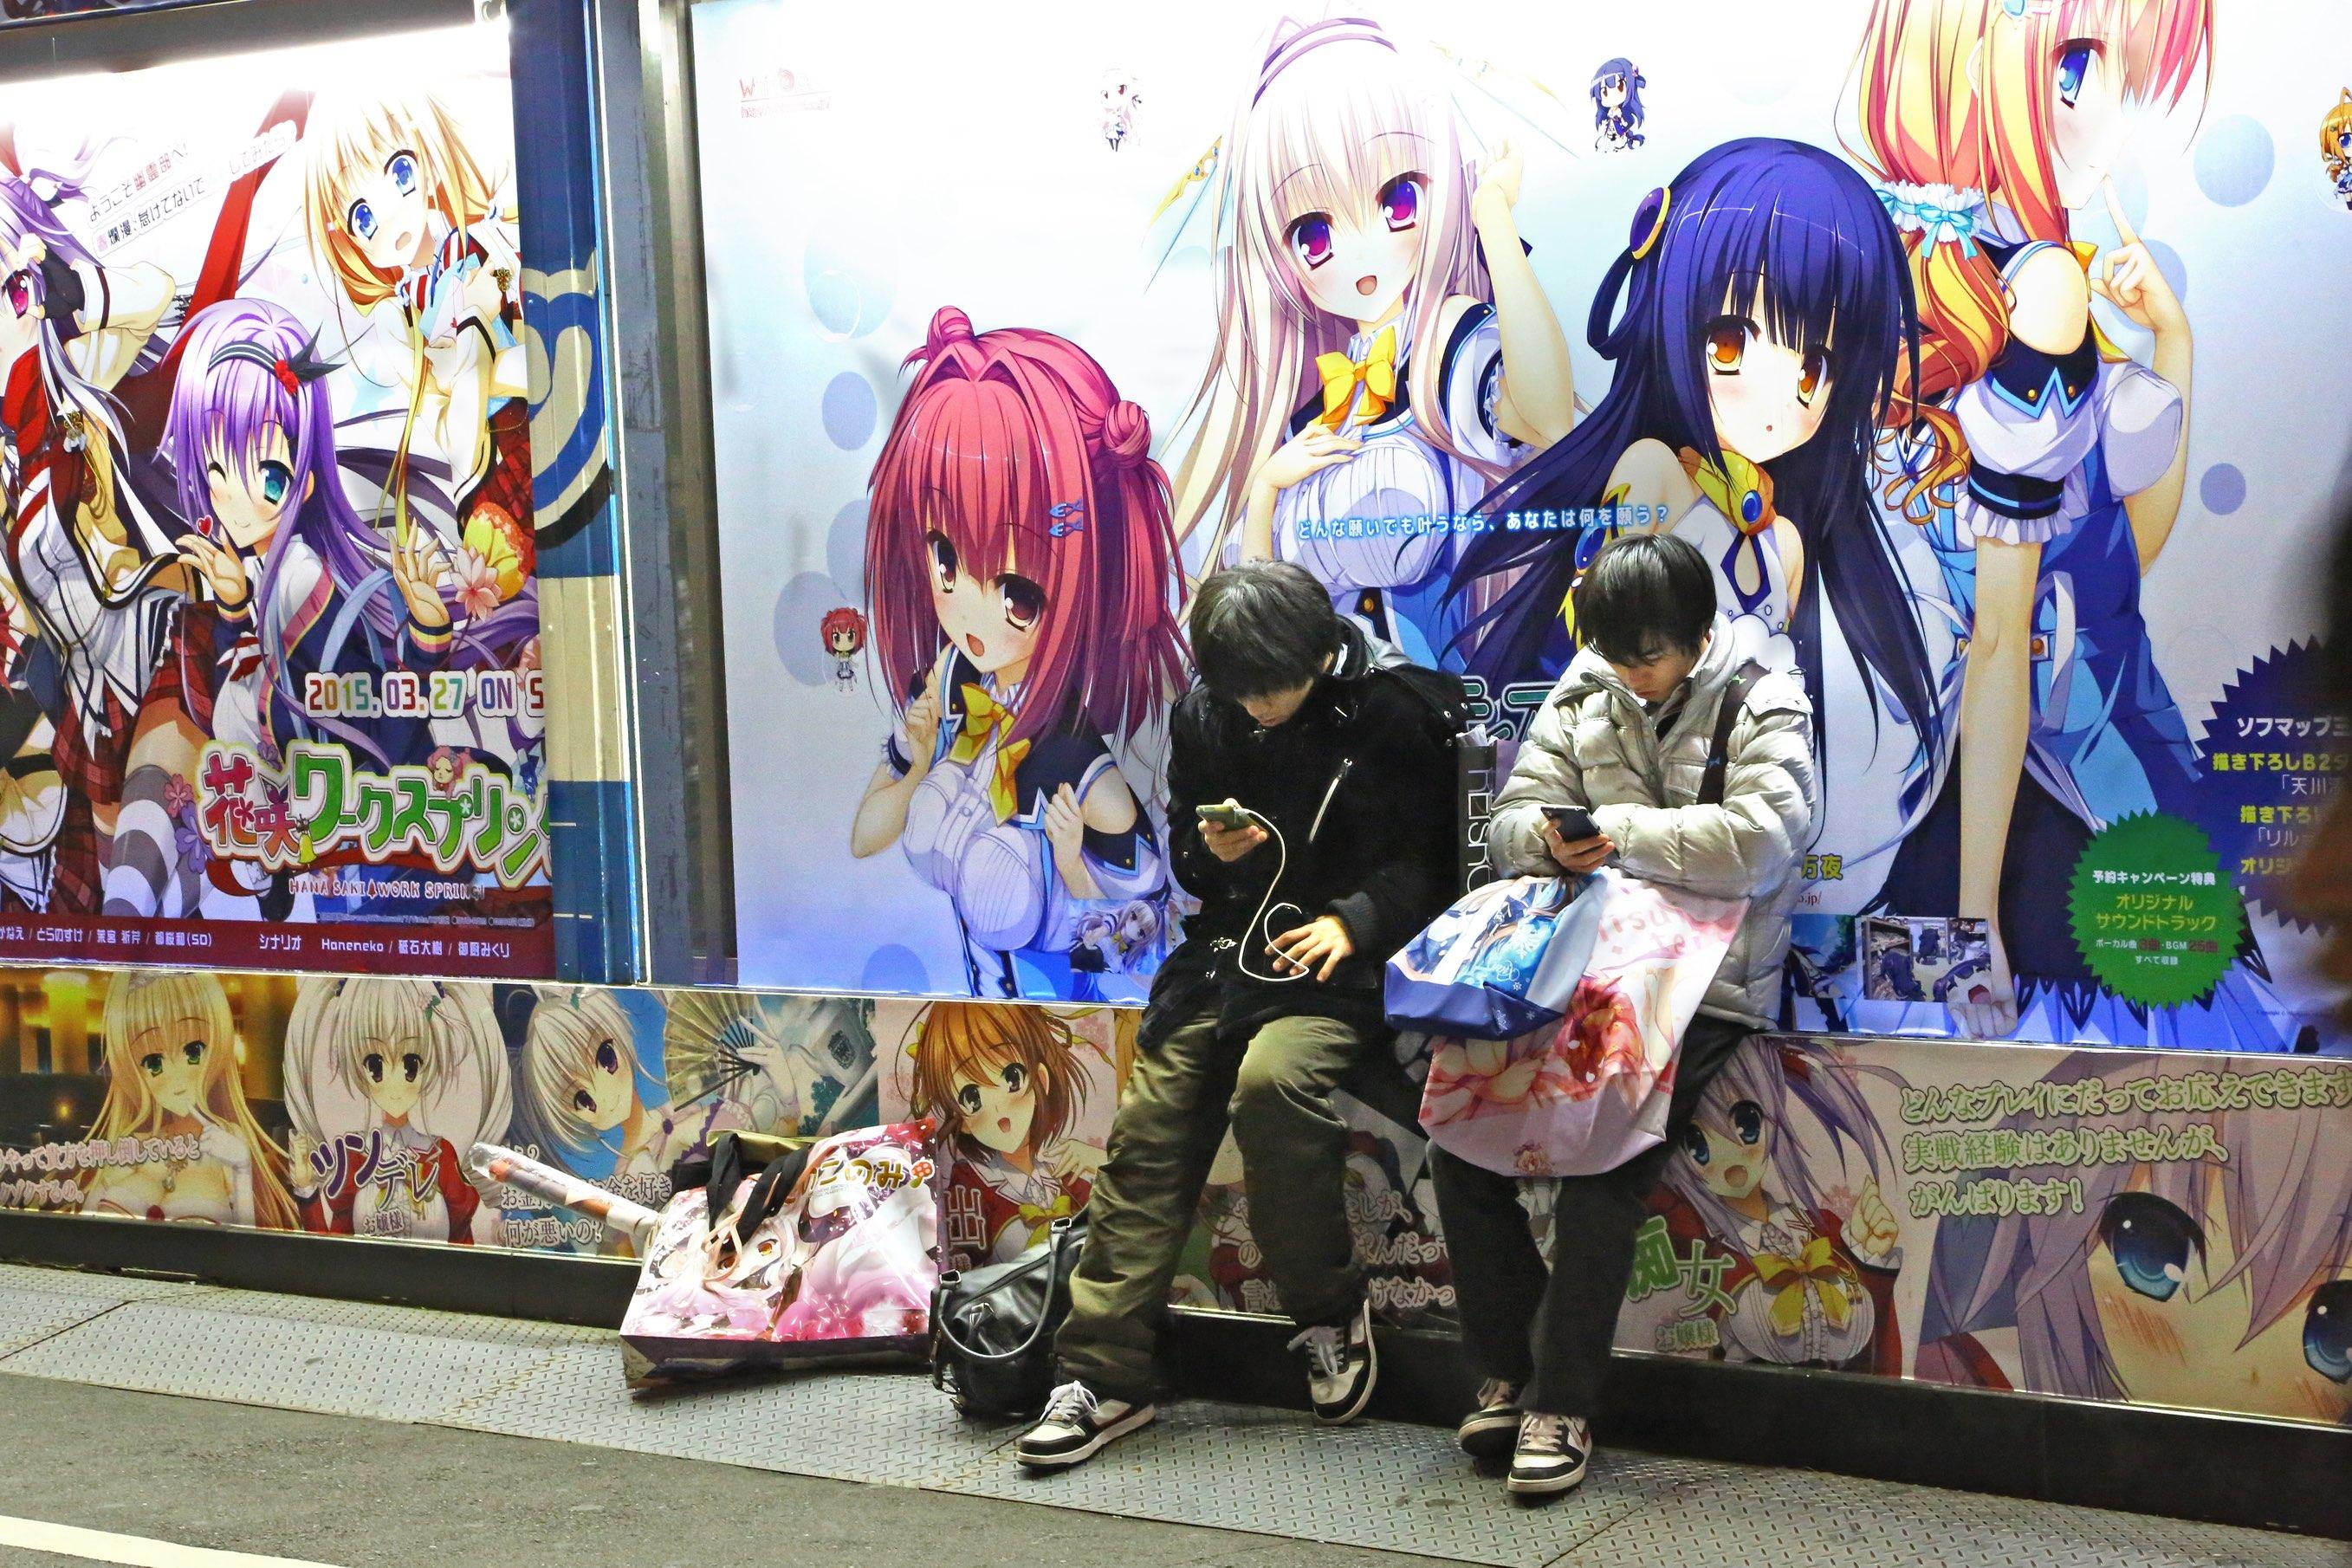 Cool Japan ligner en fejl efter 4 år